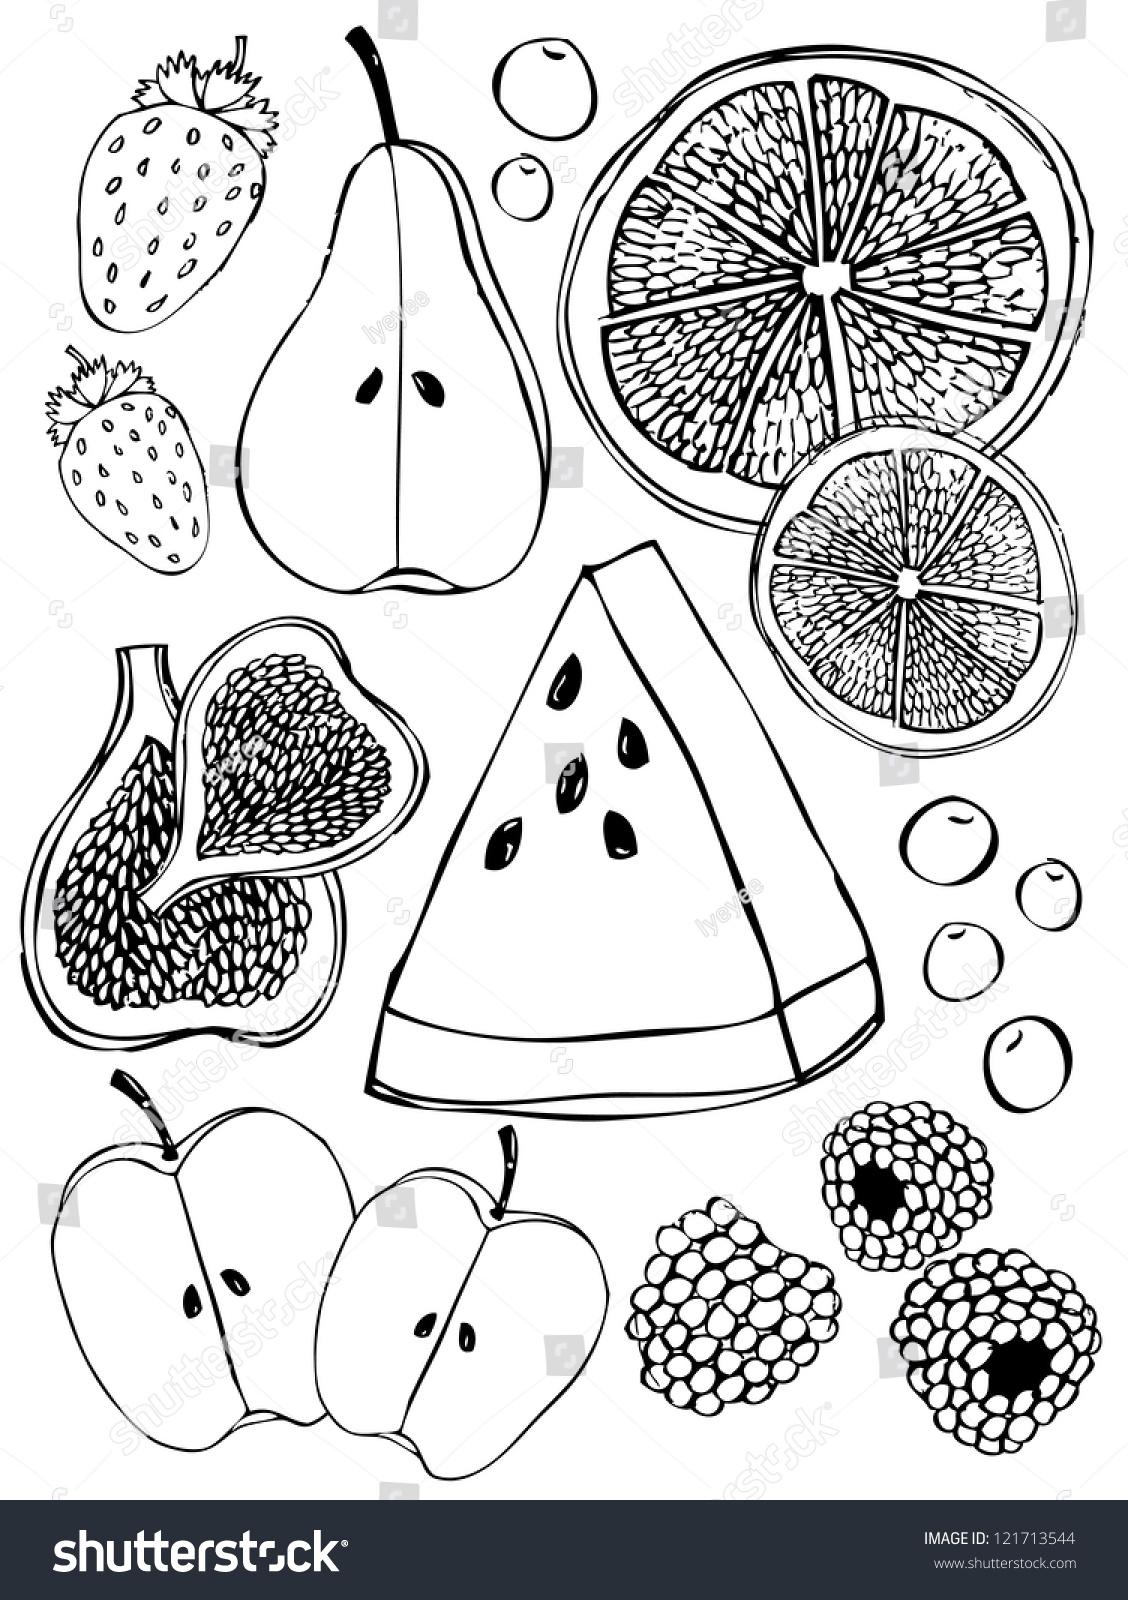 100种水果简笔画 步骤